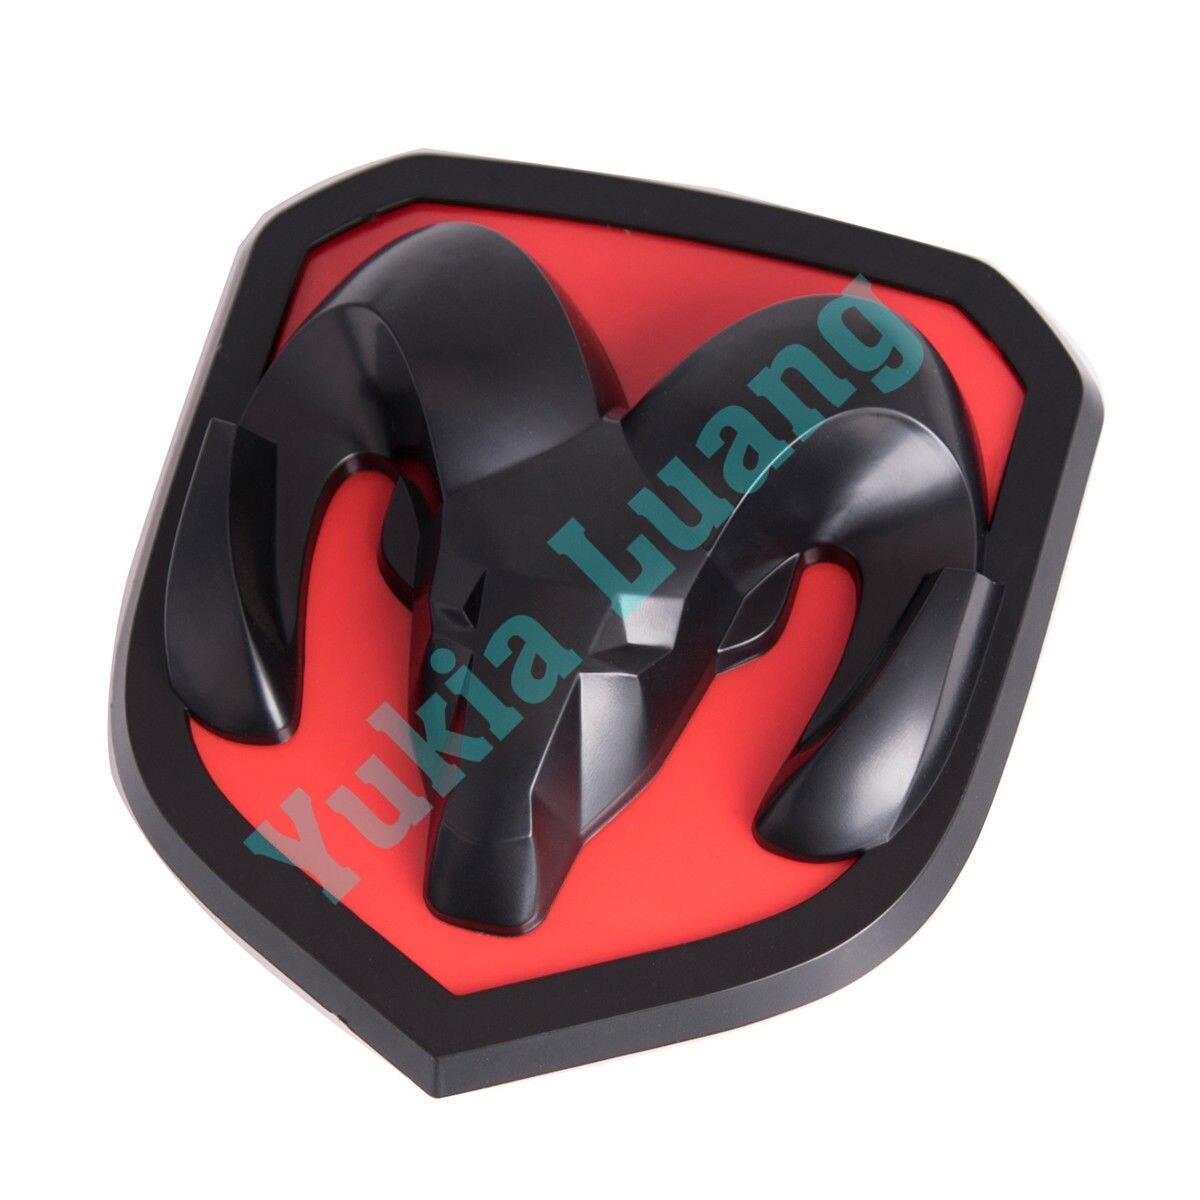 Front Grill Emblem Badge for Dodge Ram 1500 2500 3500 2013-2017 Black Red